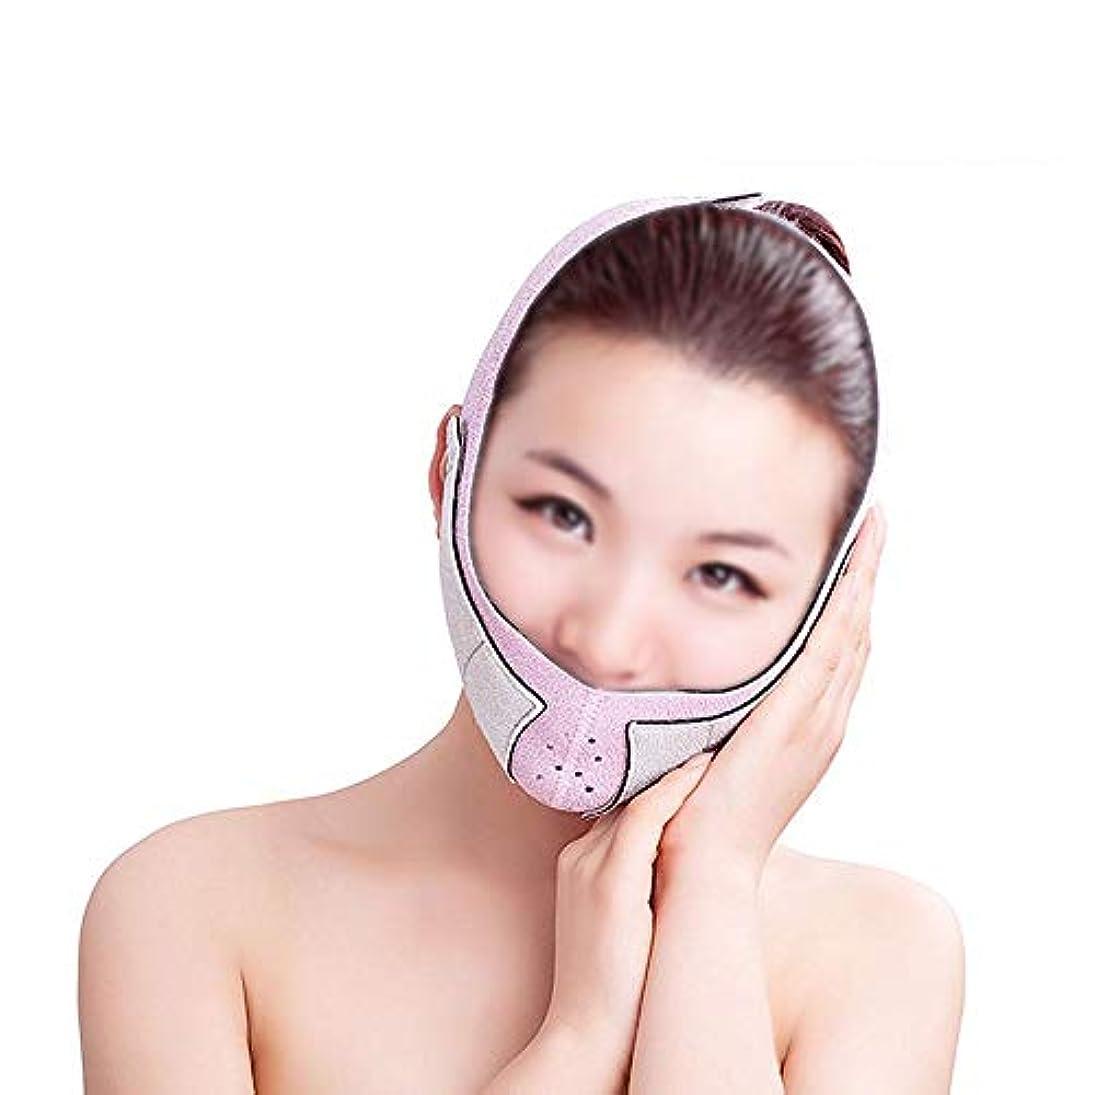 巨大画家戻るGLJJQMY 薄い顔マスク痩身ベルト薄い顔マスク強力なアップグレード小さいV顔薄い顔包帯美容顔デバイス 顔用整形マスク